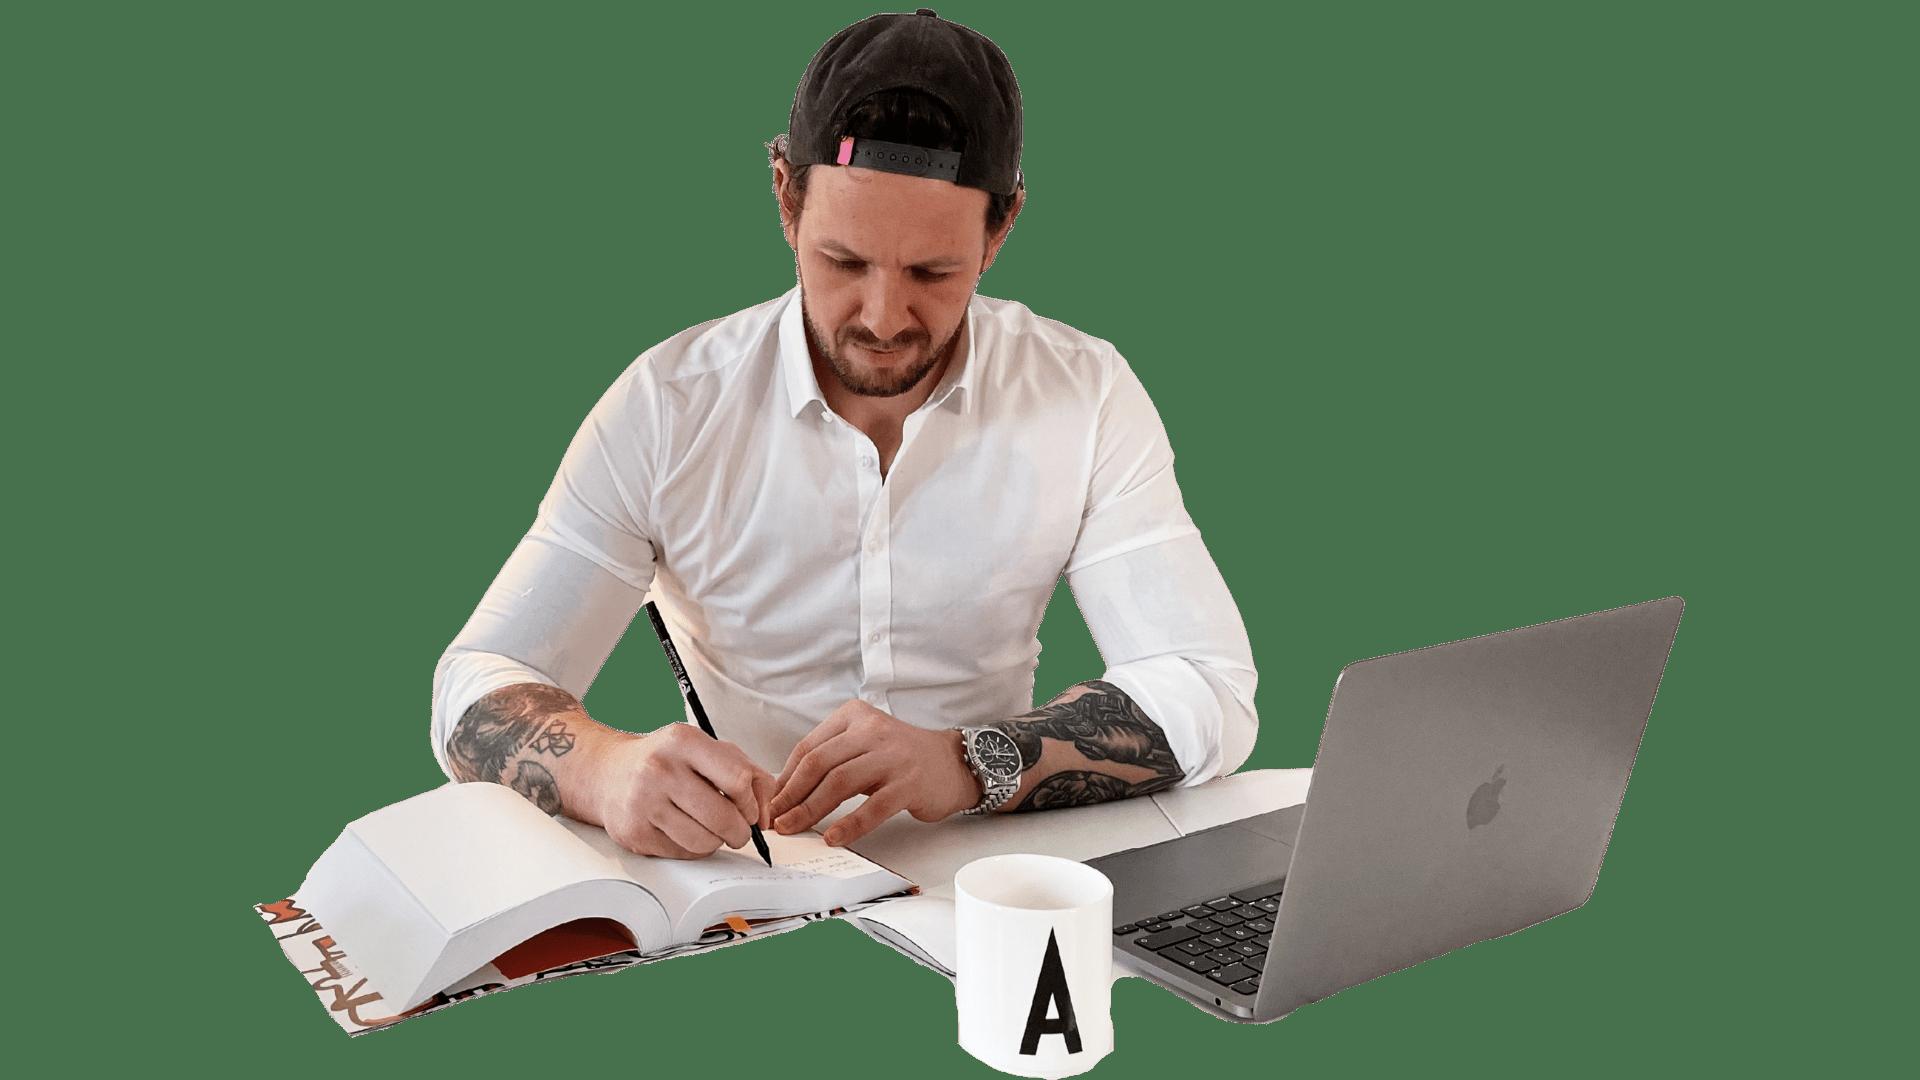 Andre Marks beim brainstormen neuer Online Kurse, Landingpages und Newsletter